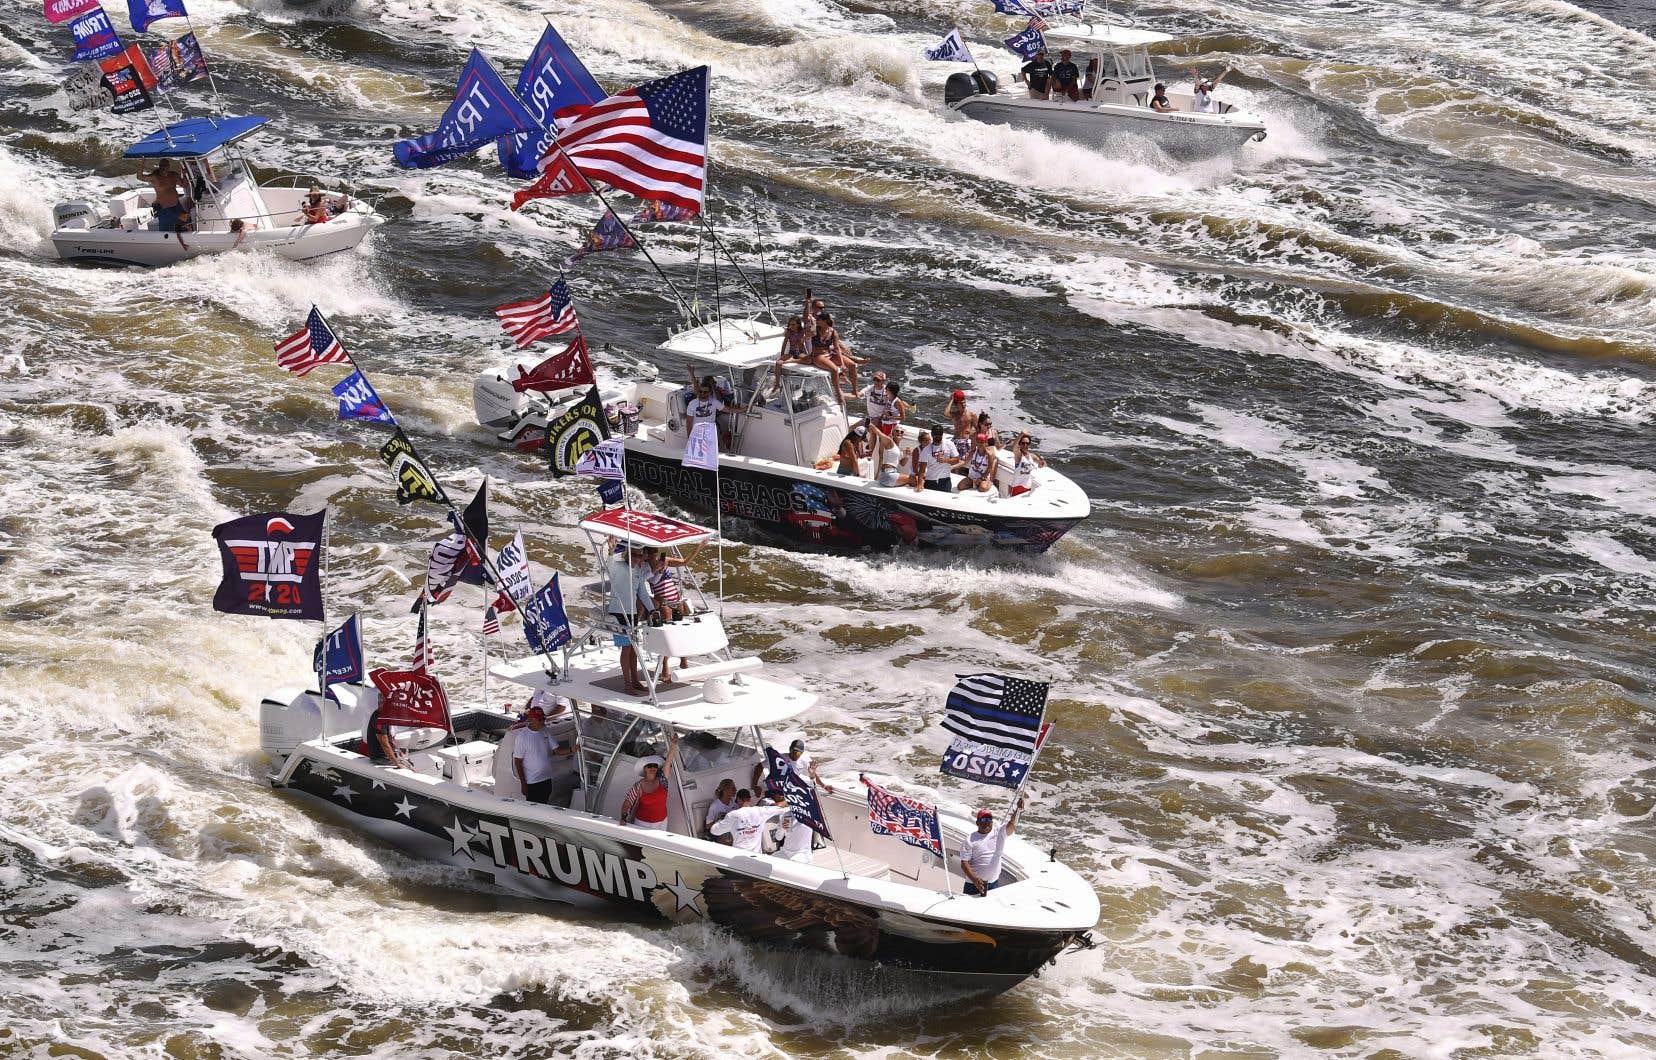 Une flottille de bateaux lourdement décorés de slogans en soutien au président Trump paradait le week-end dernier sur la côte est de la Floride.